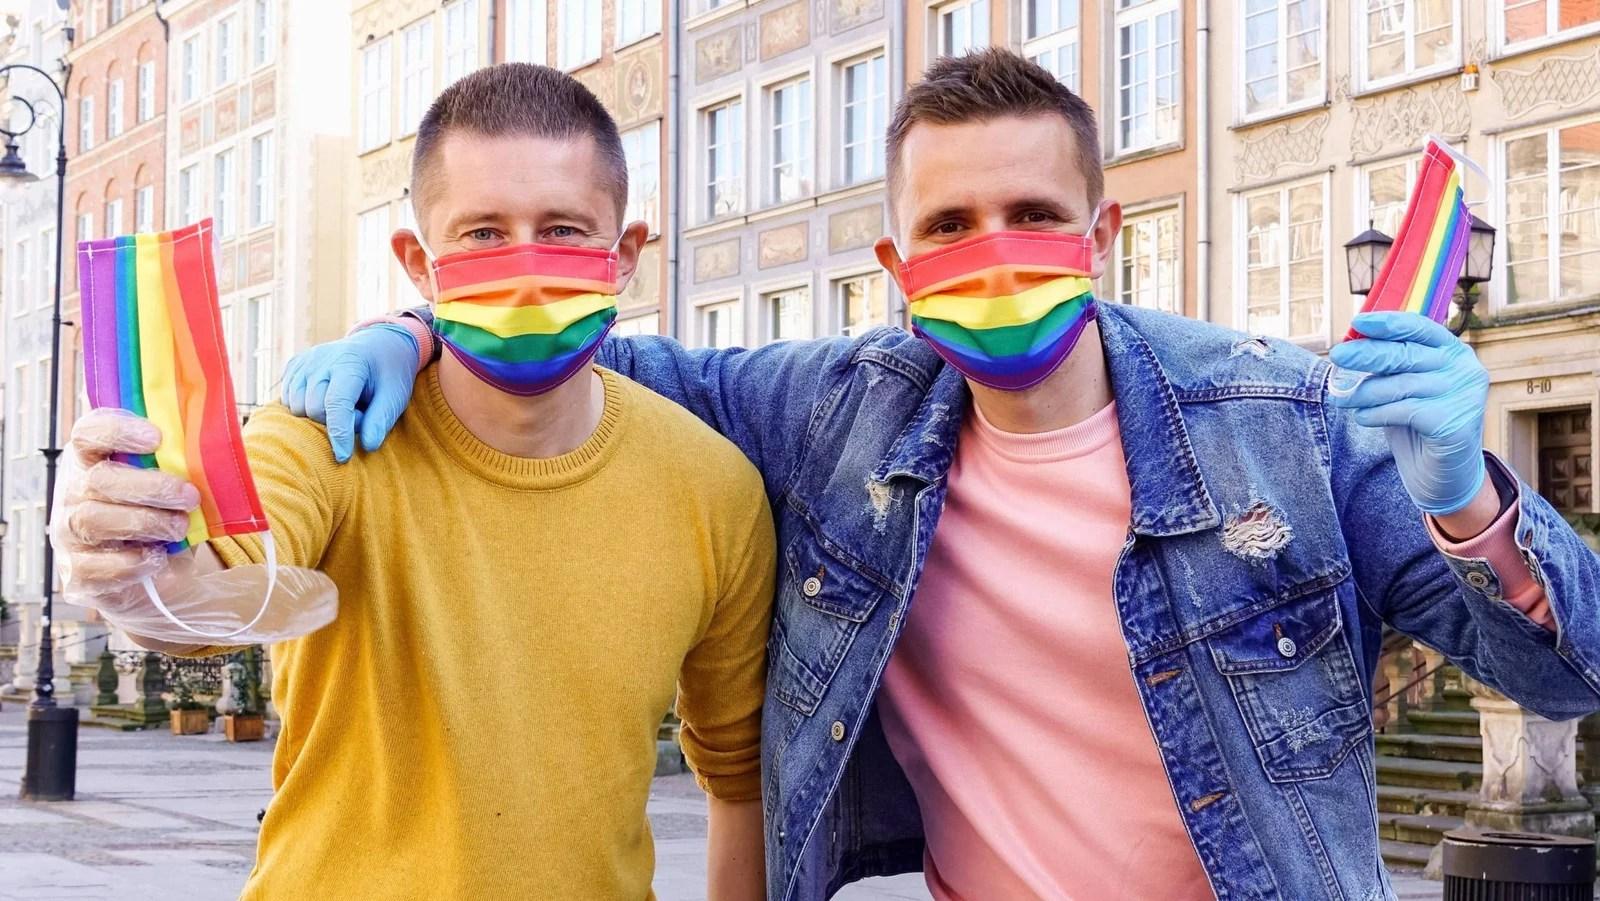 """Los hombres homosexuales que """"suenan gays"""" sufren más discriminación, según un estudio"""